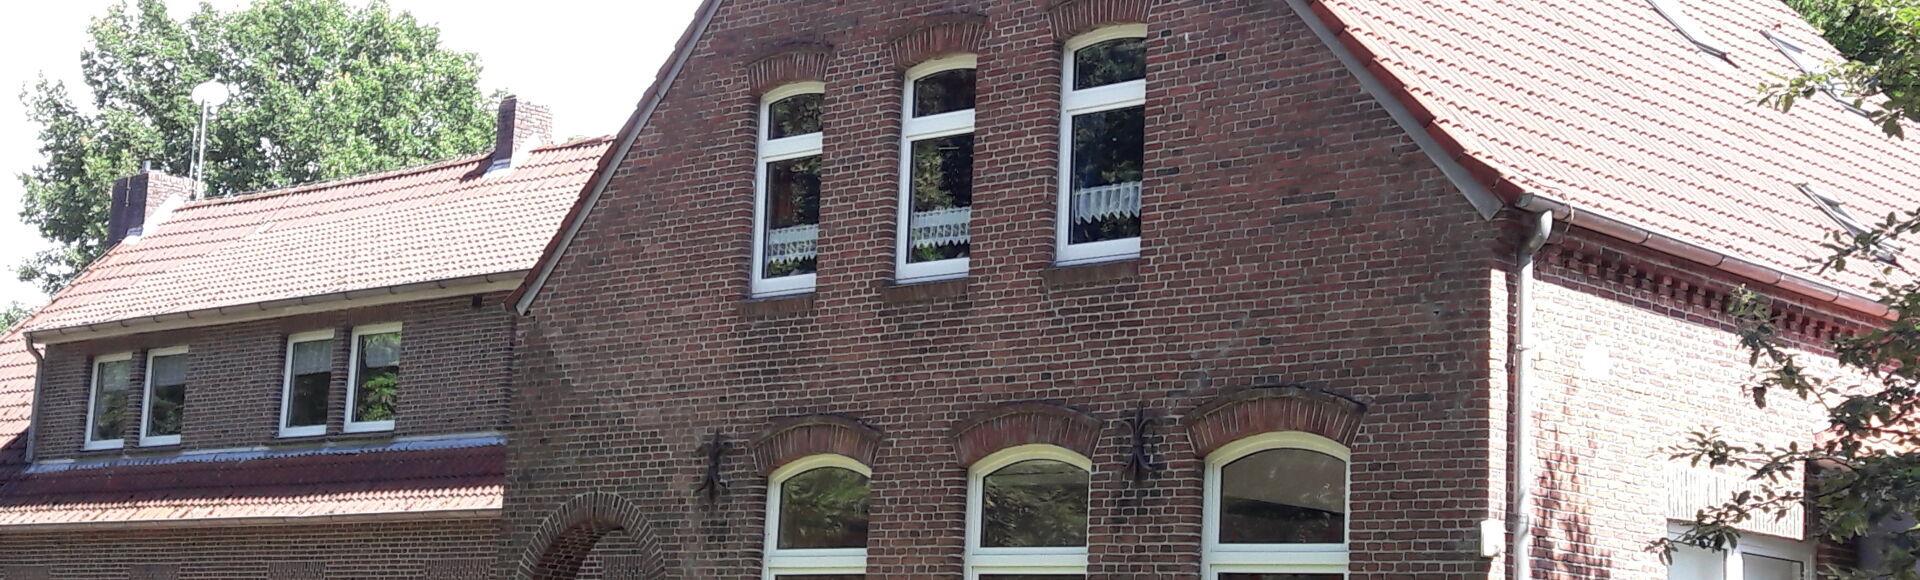 Ansicht eines Hauses in der Gemeinde Moorweg